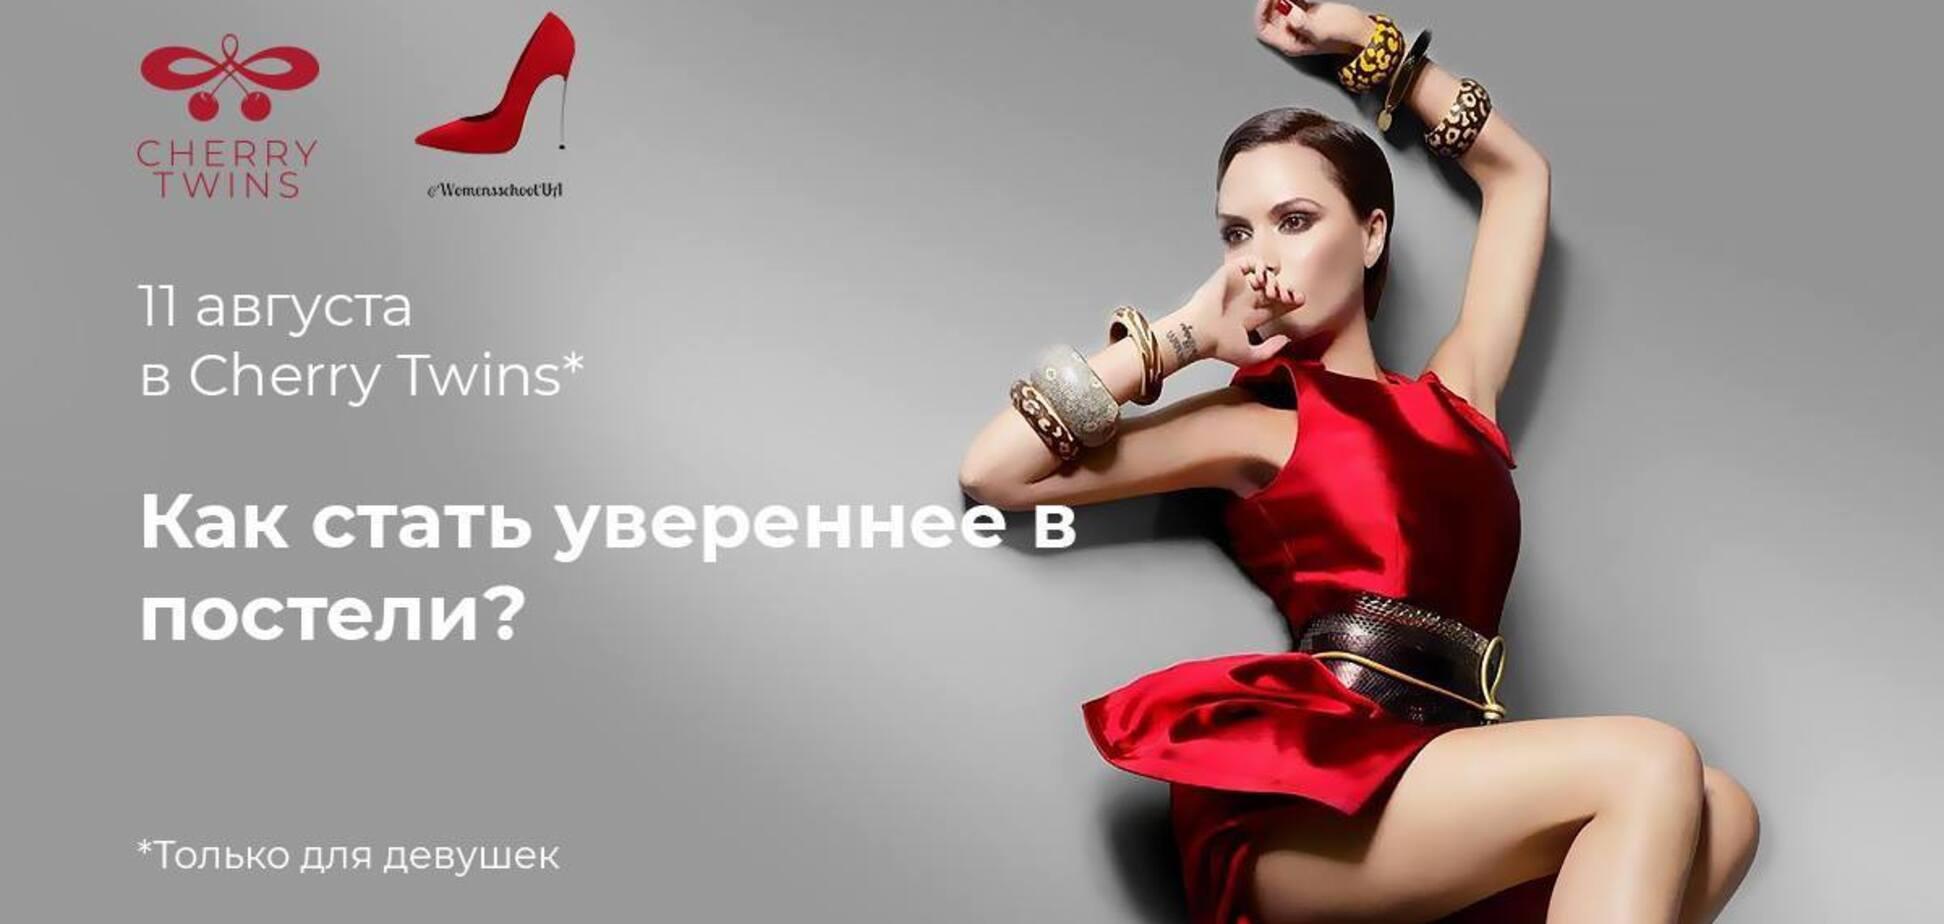 У Києві пройде секс-бранч для дівчат: де, коли і що там буде